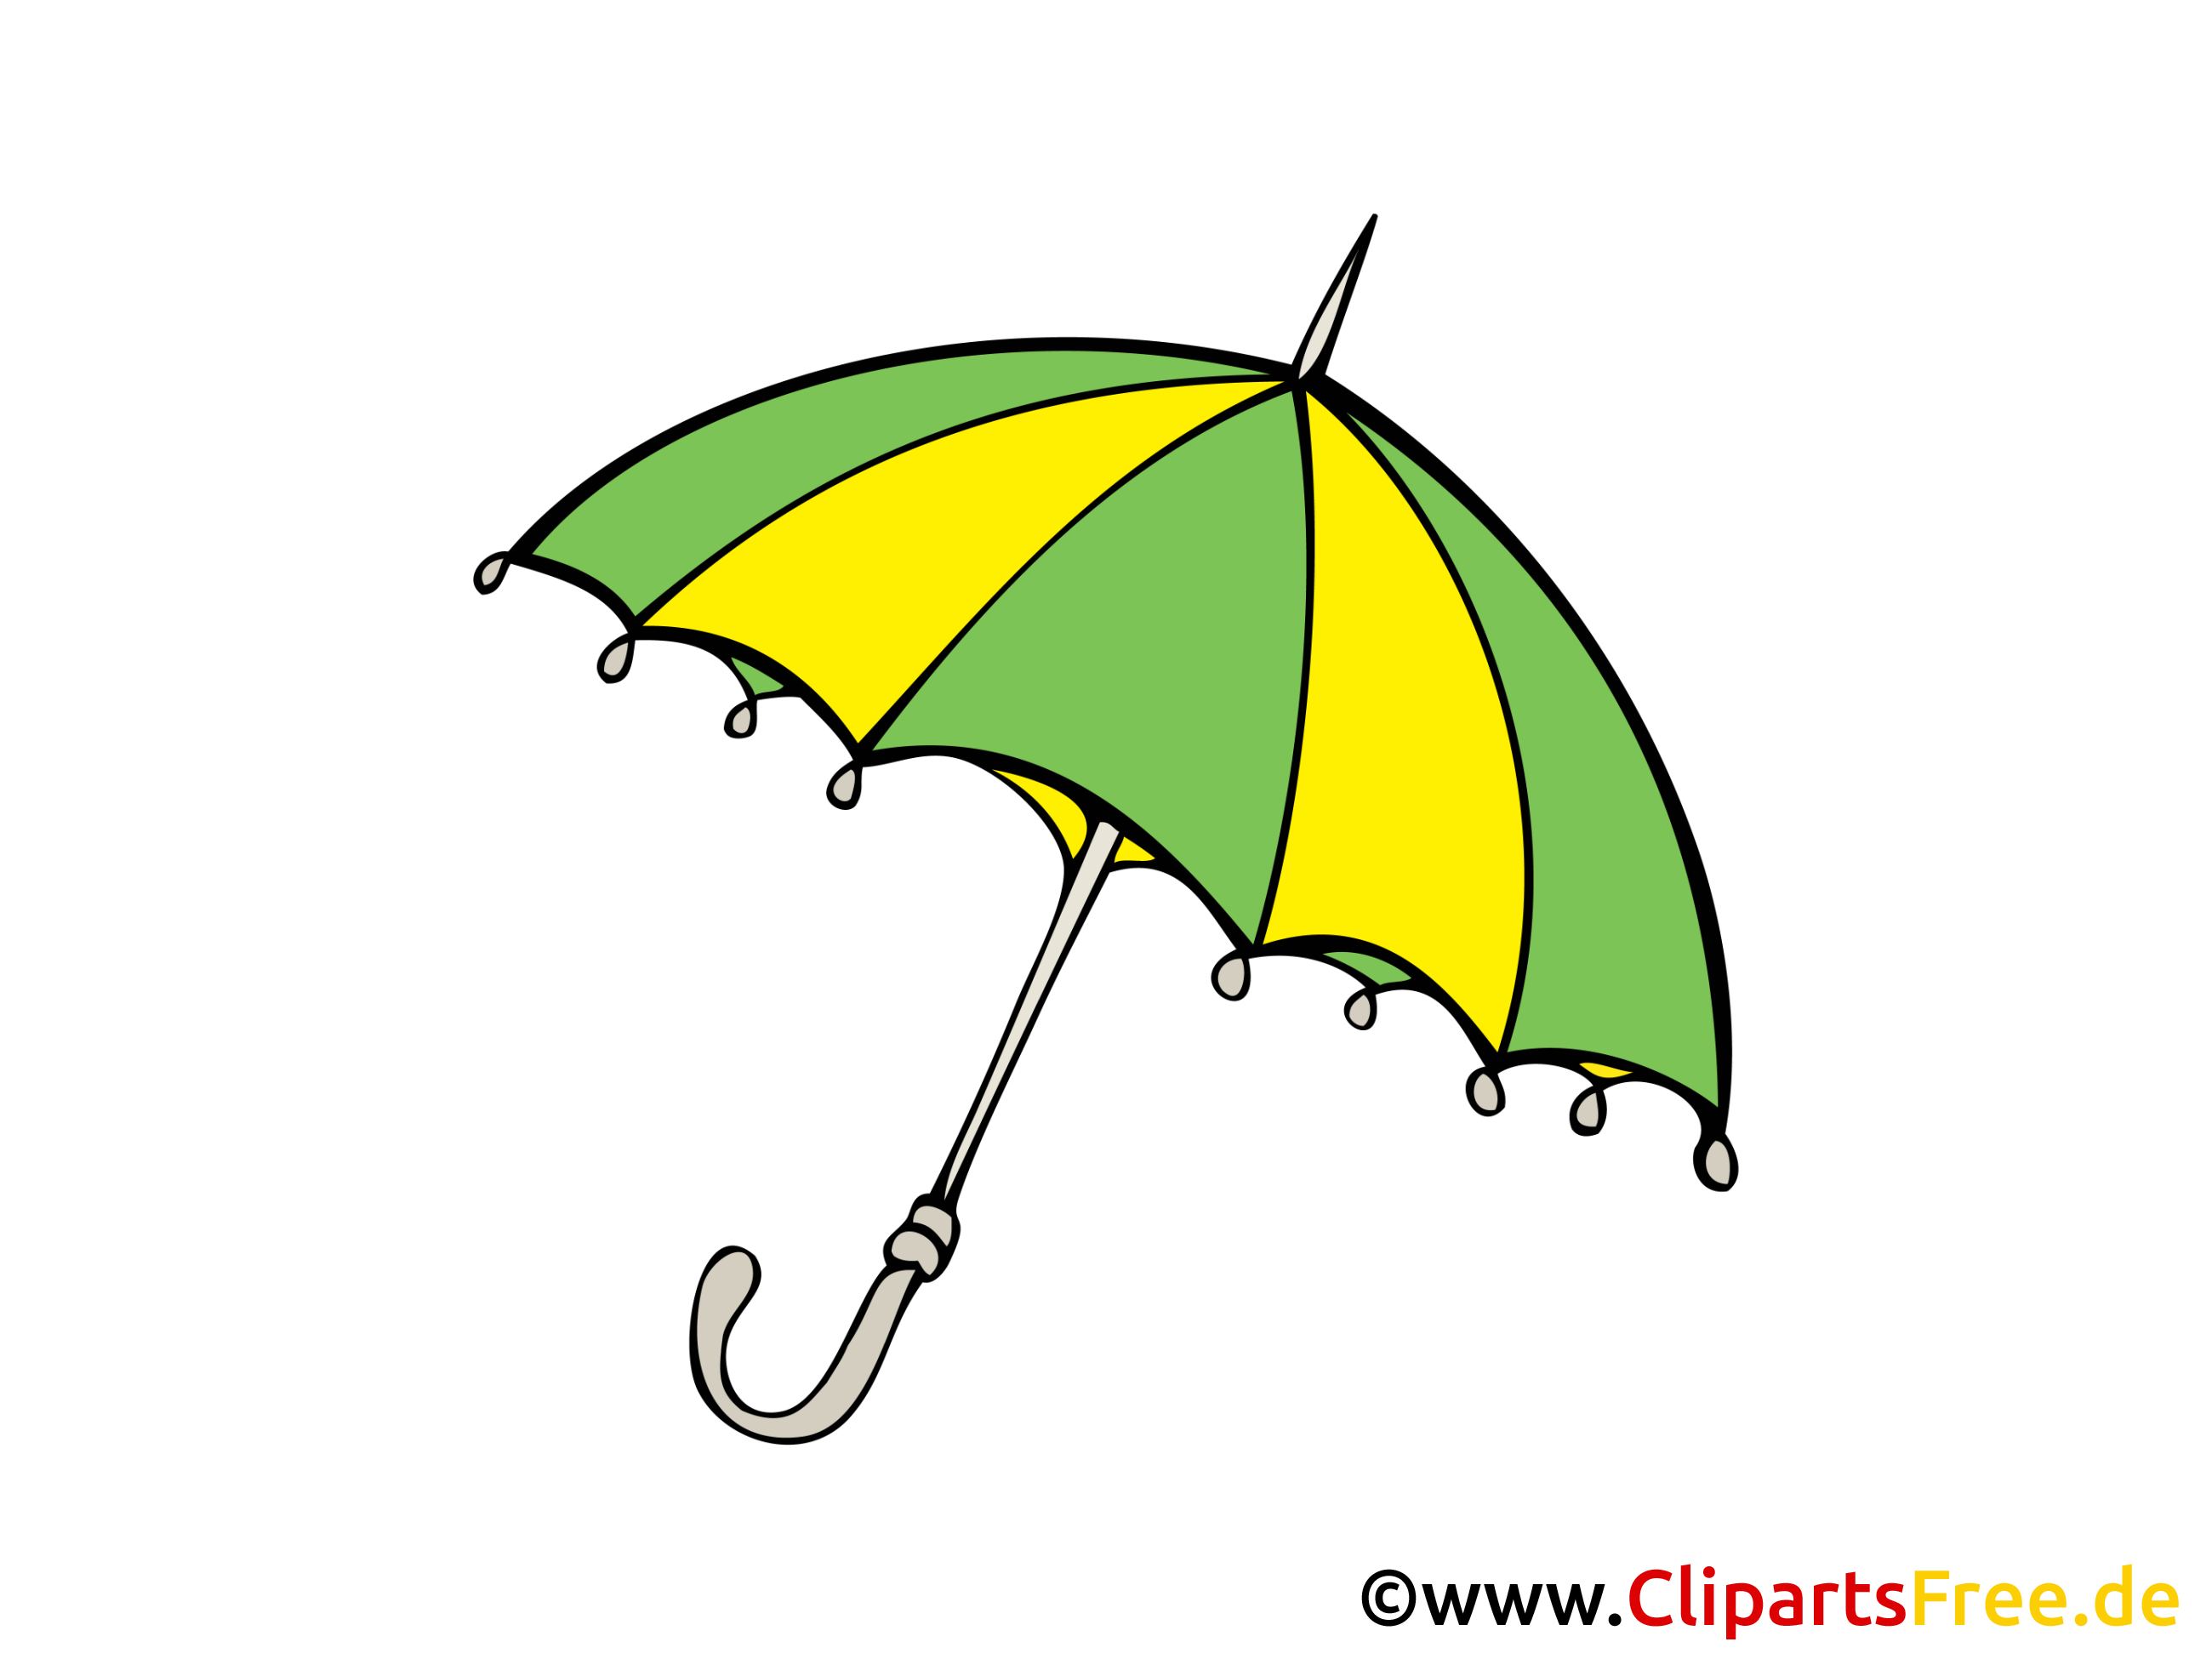 Parapluie images dessins gratuits objets dessin picture - Parapluie dessin ...